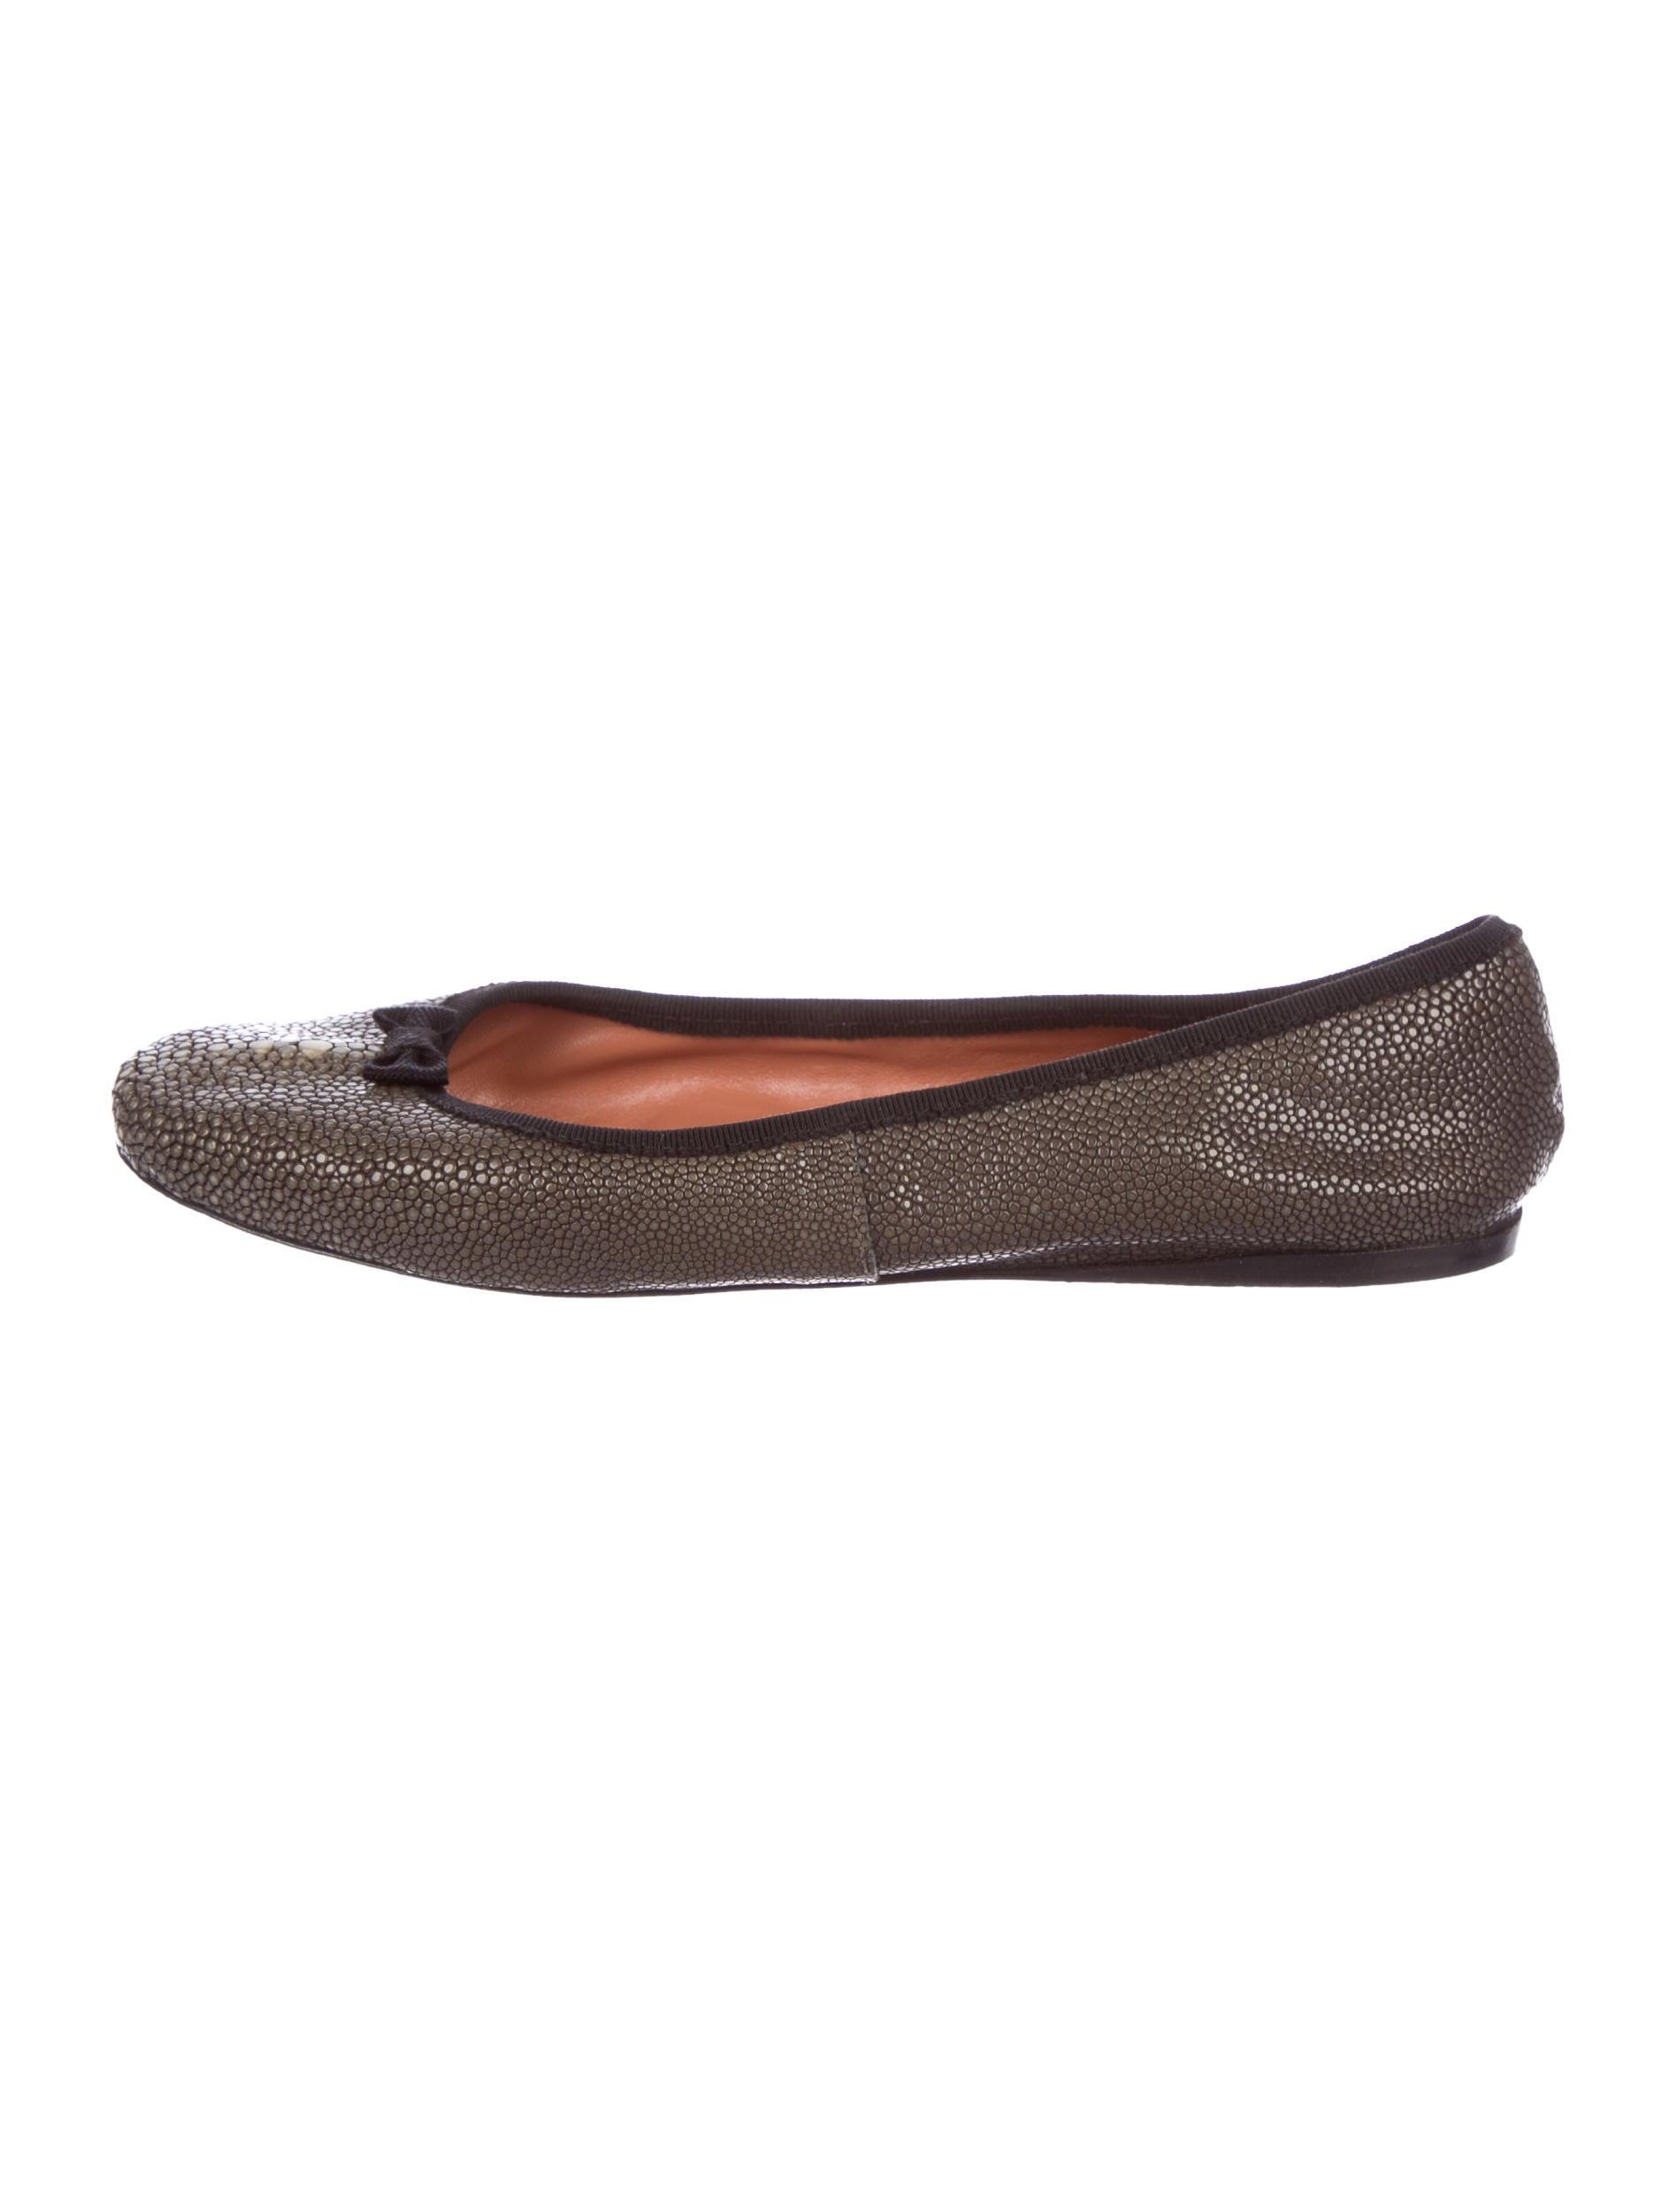 Alaïa Stingray Round-Toe Flats discount enjoy OYPXbL3Hx